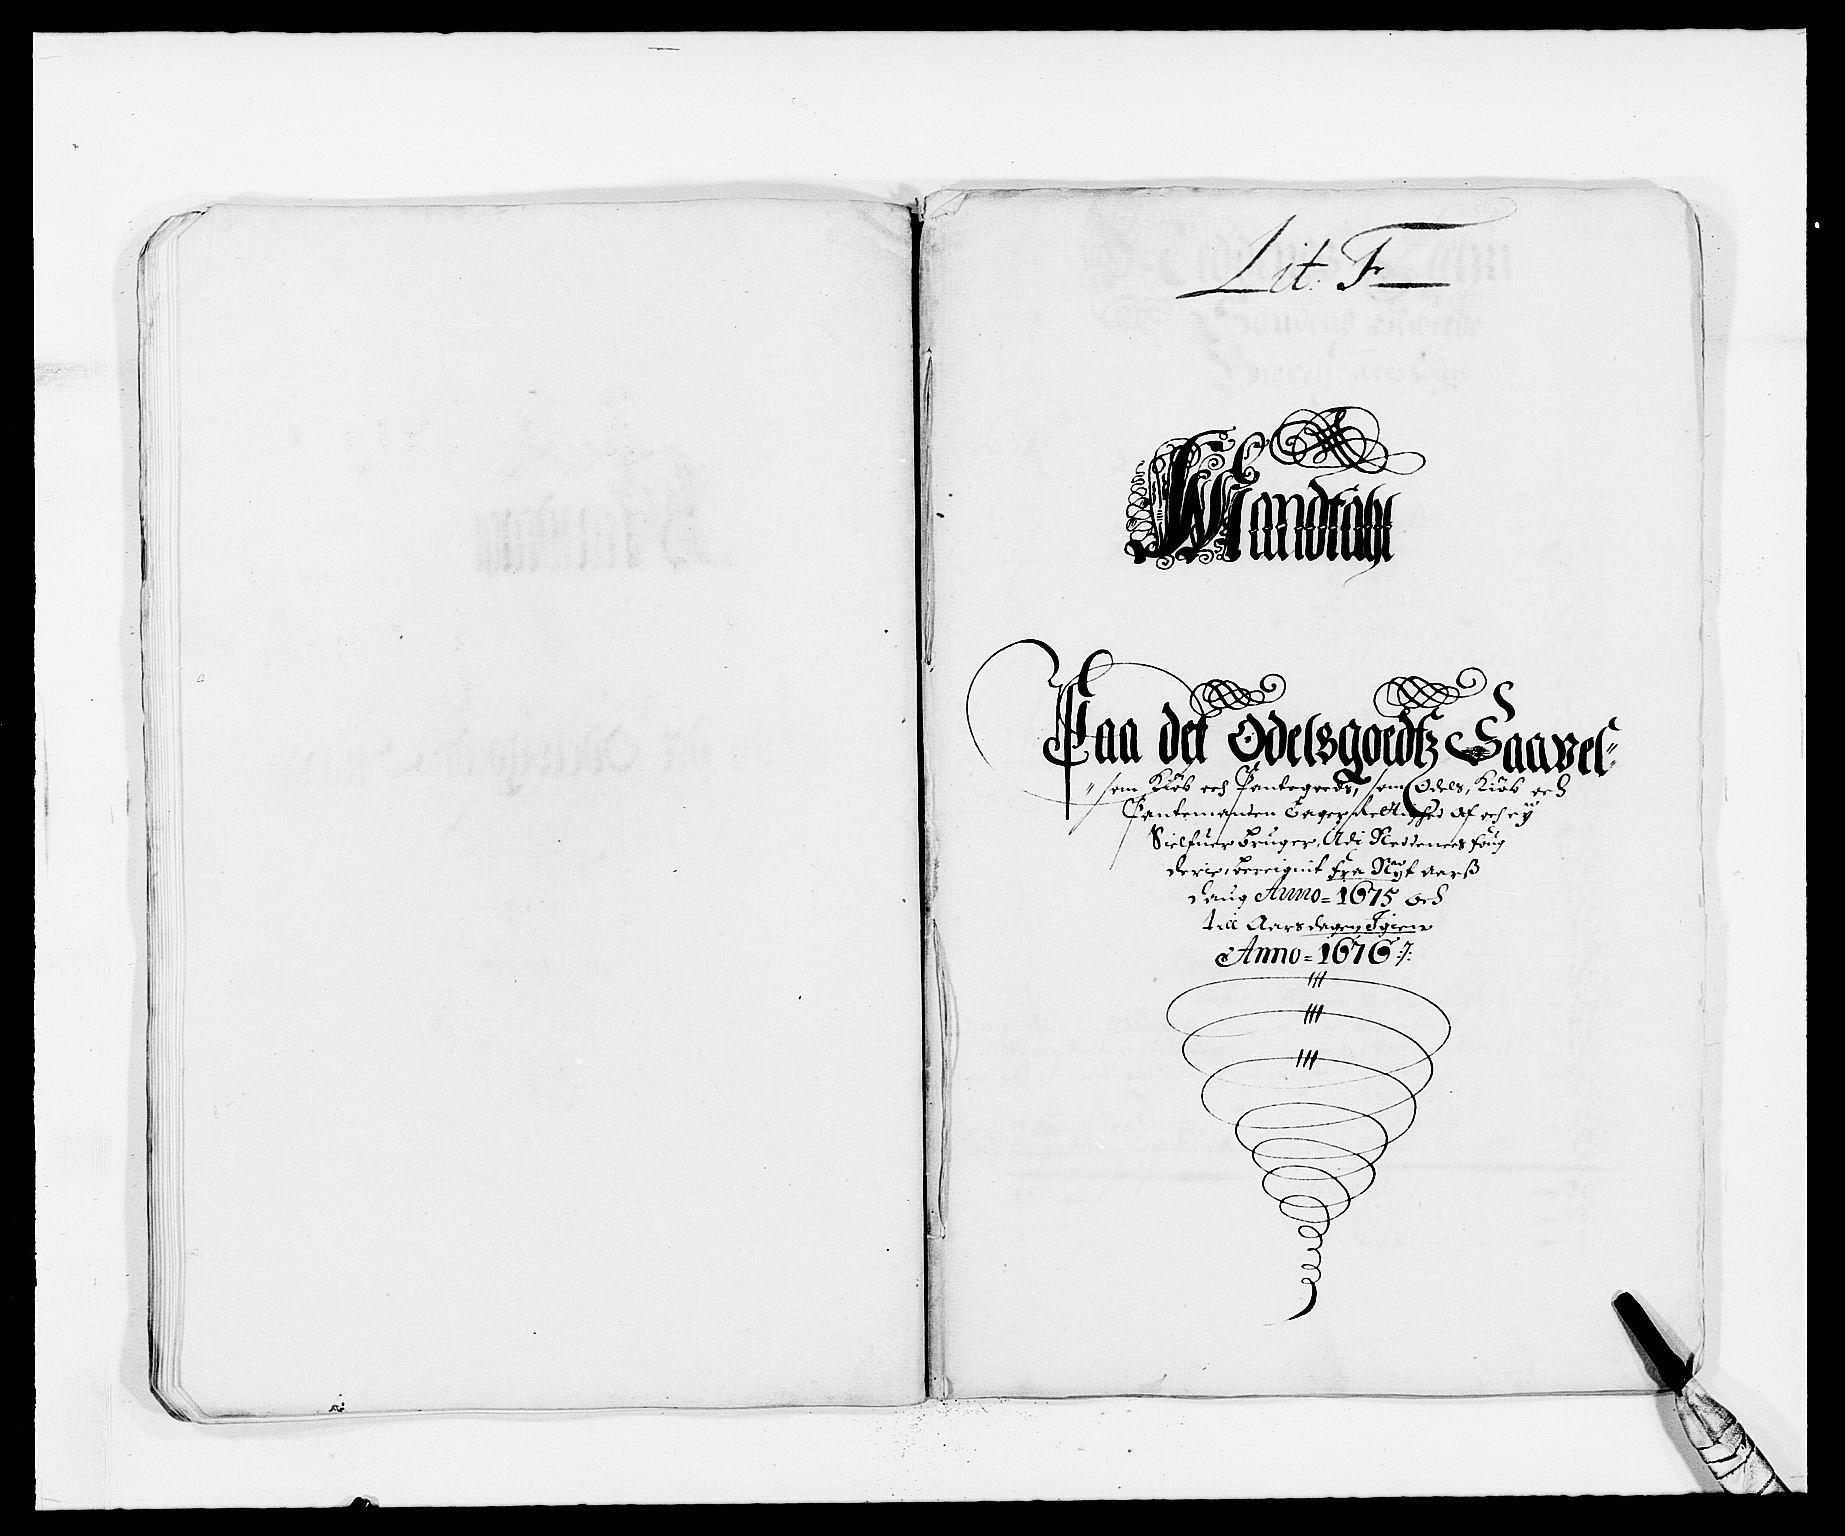 RA, Rentekammeret inntil 1814, Reviderte regnskaper, Fogderegnskap, R39/L2301: Fogderegnskap Nedenes, 1675-1676, s. 117